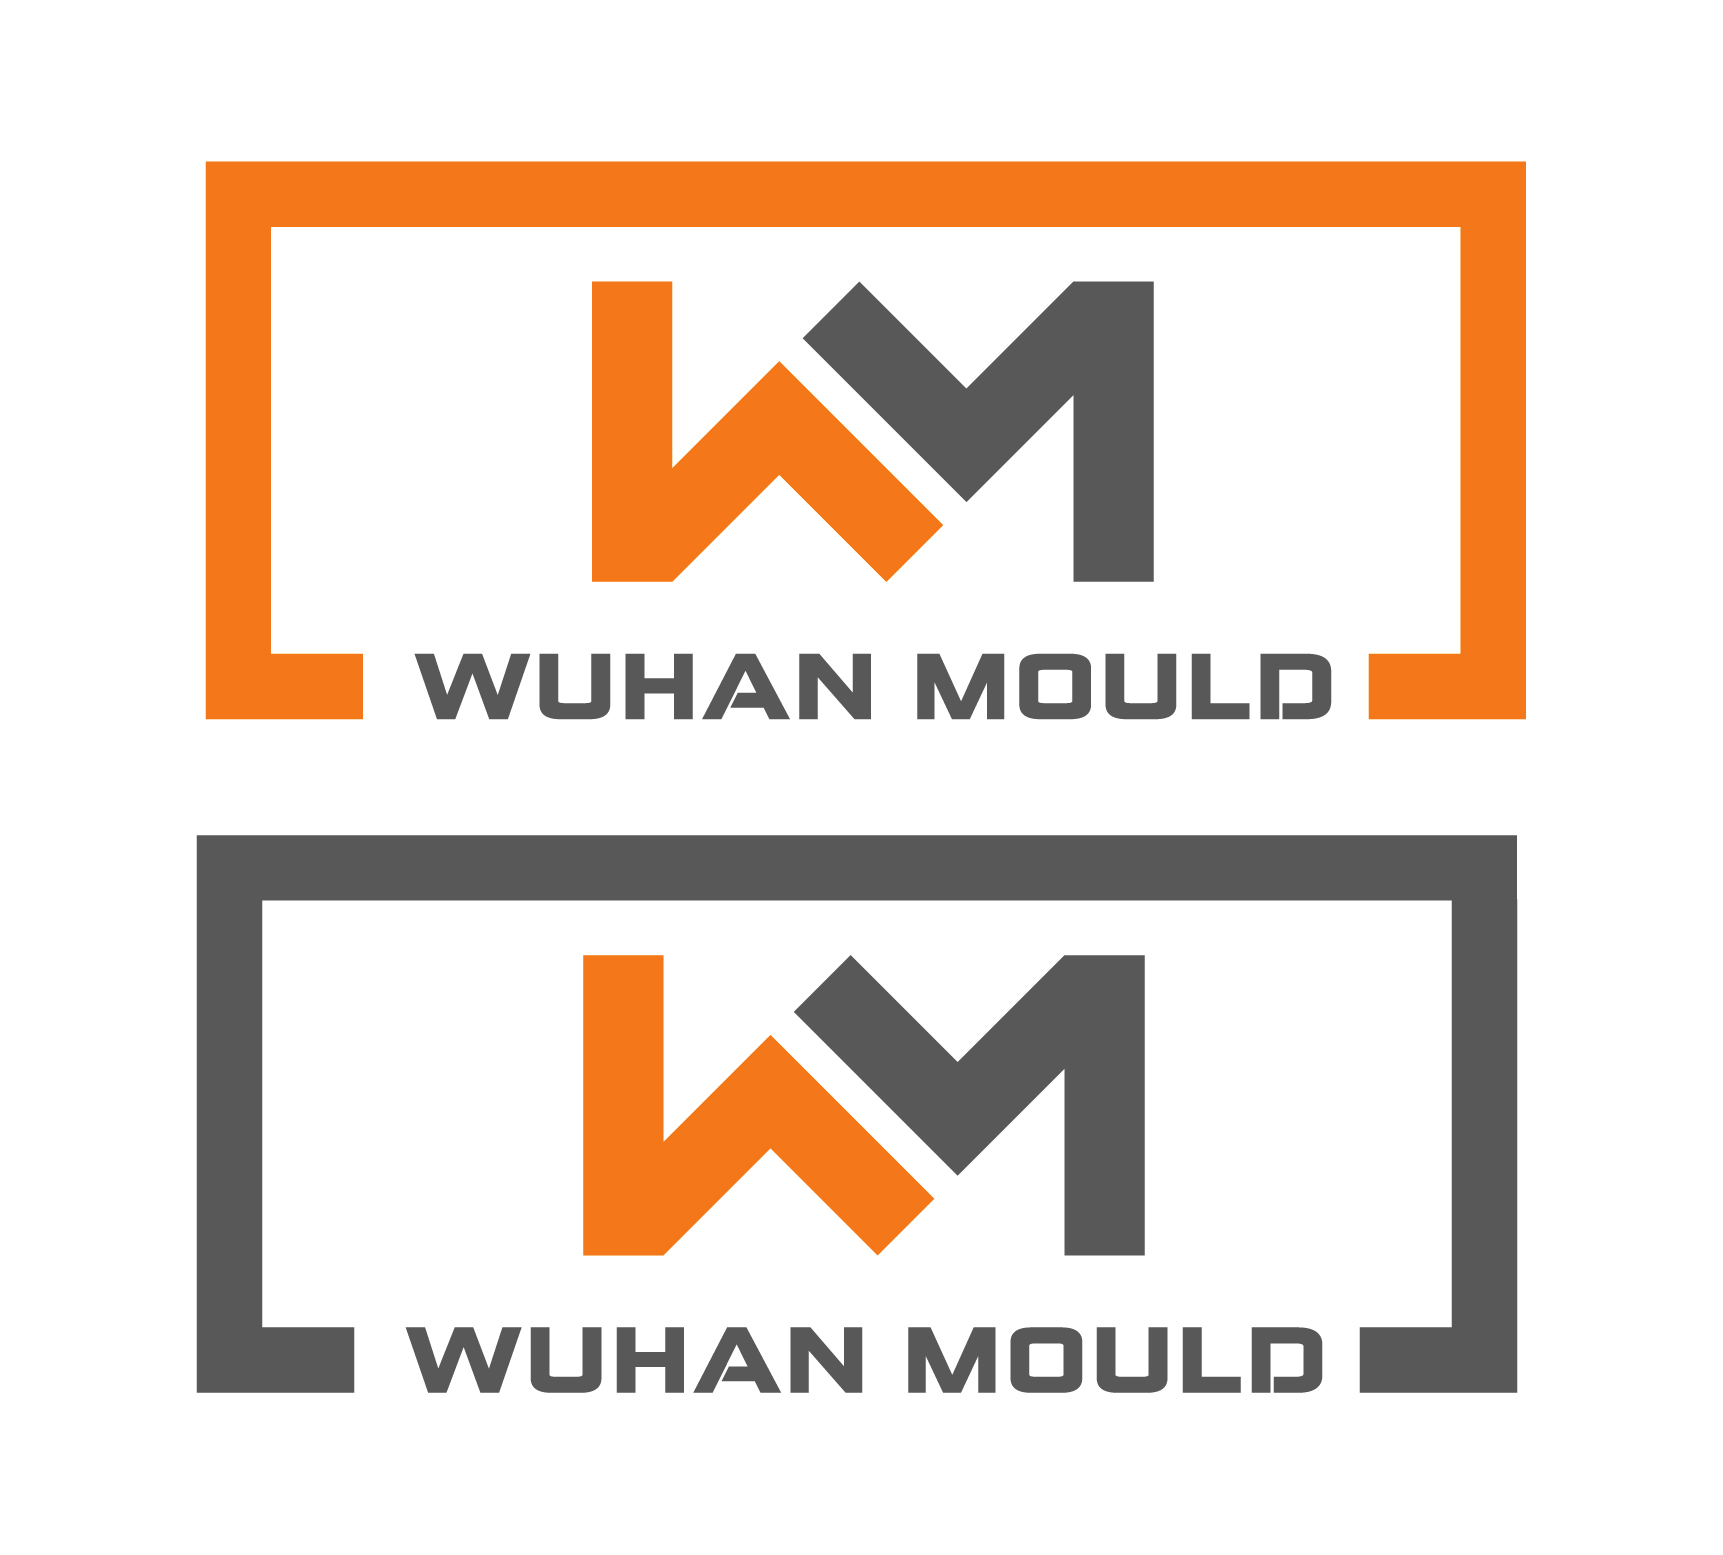 Создать логотип для фабрики пресс-форм фото f_5905989af46c5134.jpg